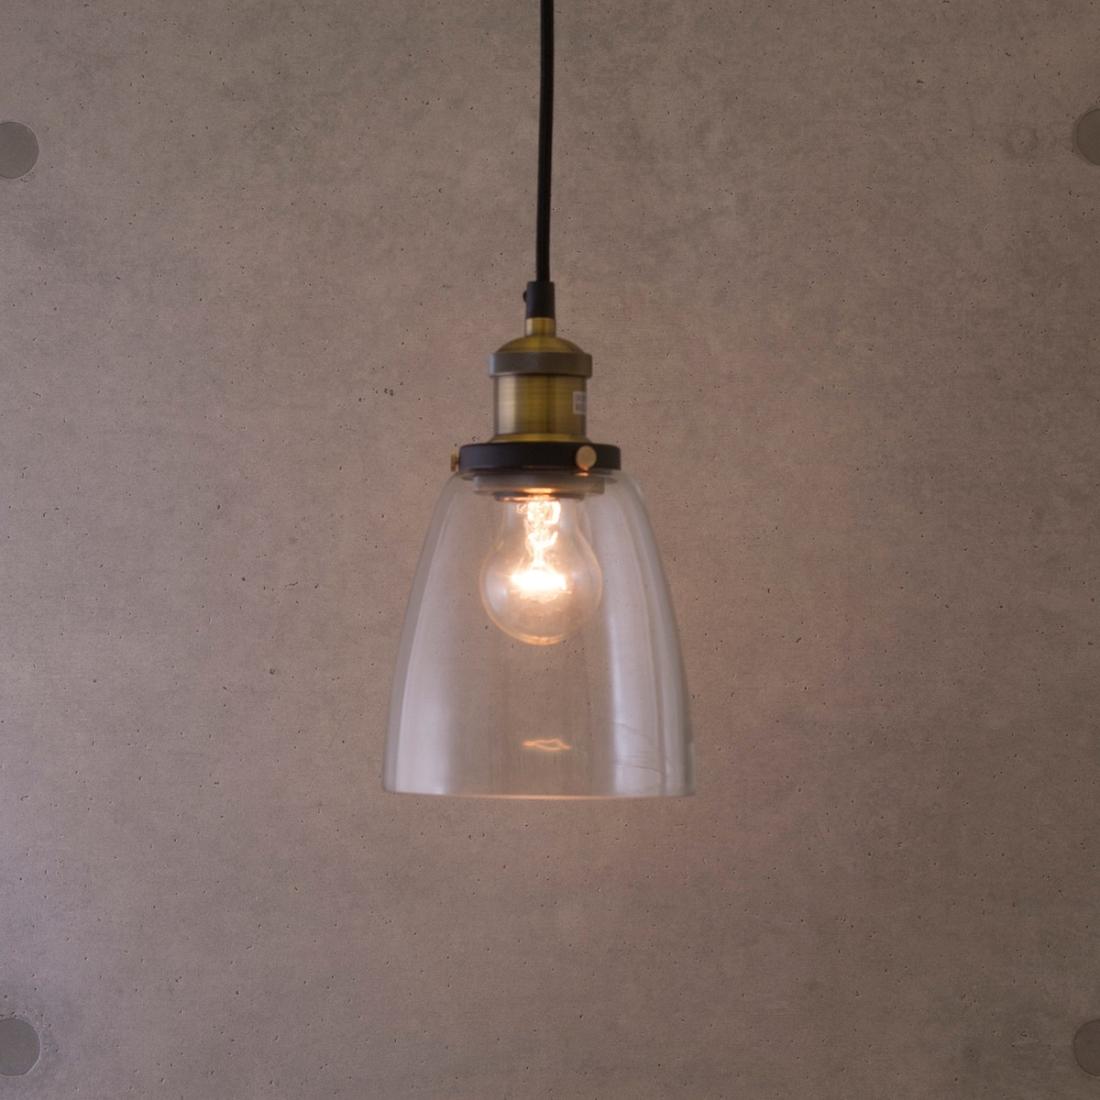 部屋 おしゃれ レトロ 家具 【吊照明】ヴィンテージペンダントランプ[P144]LED対応<E26/梨型>天井照明 吊り 照明